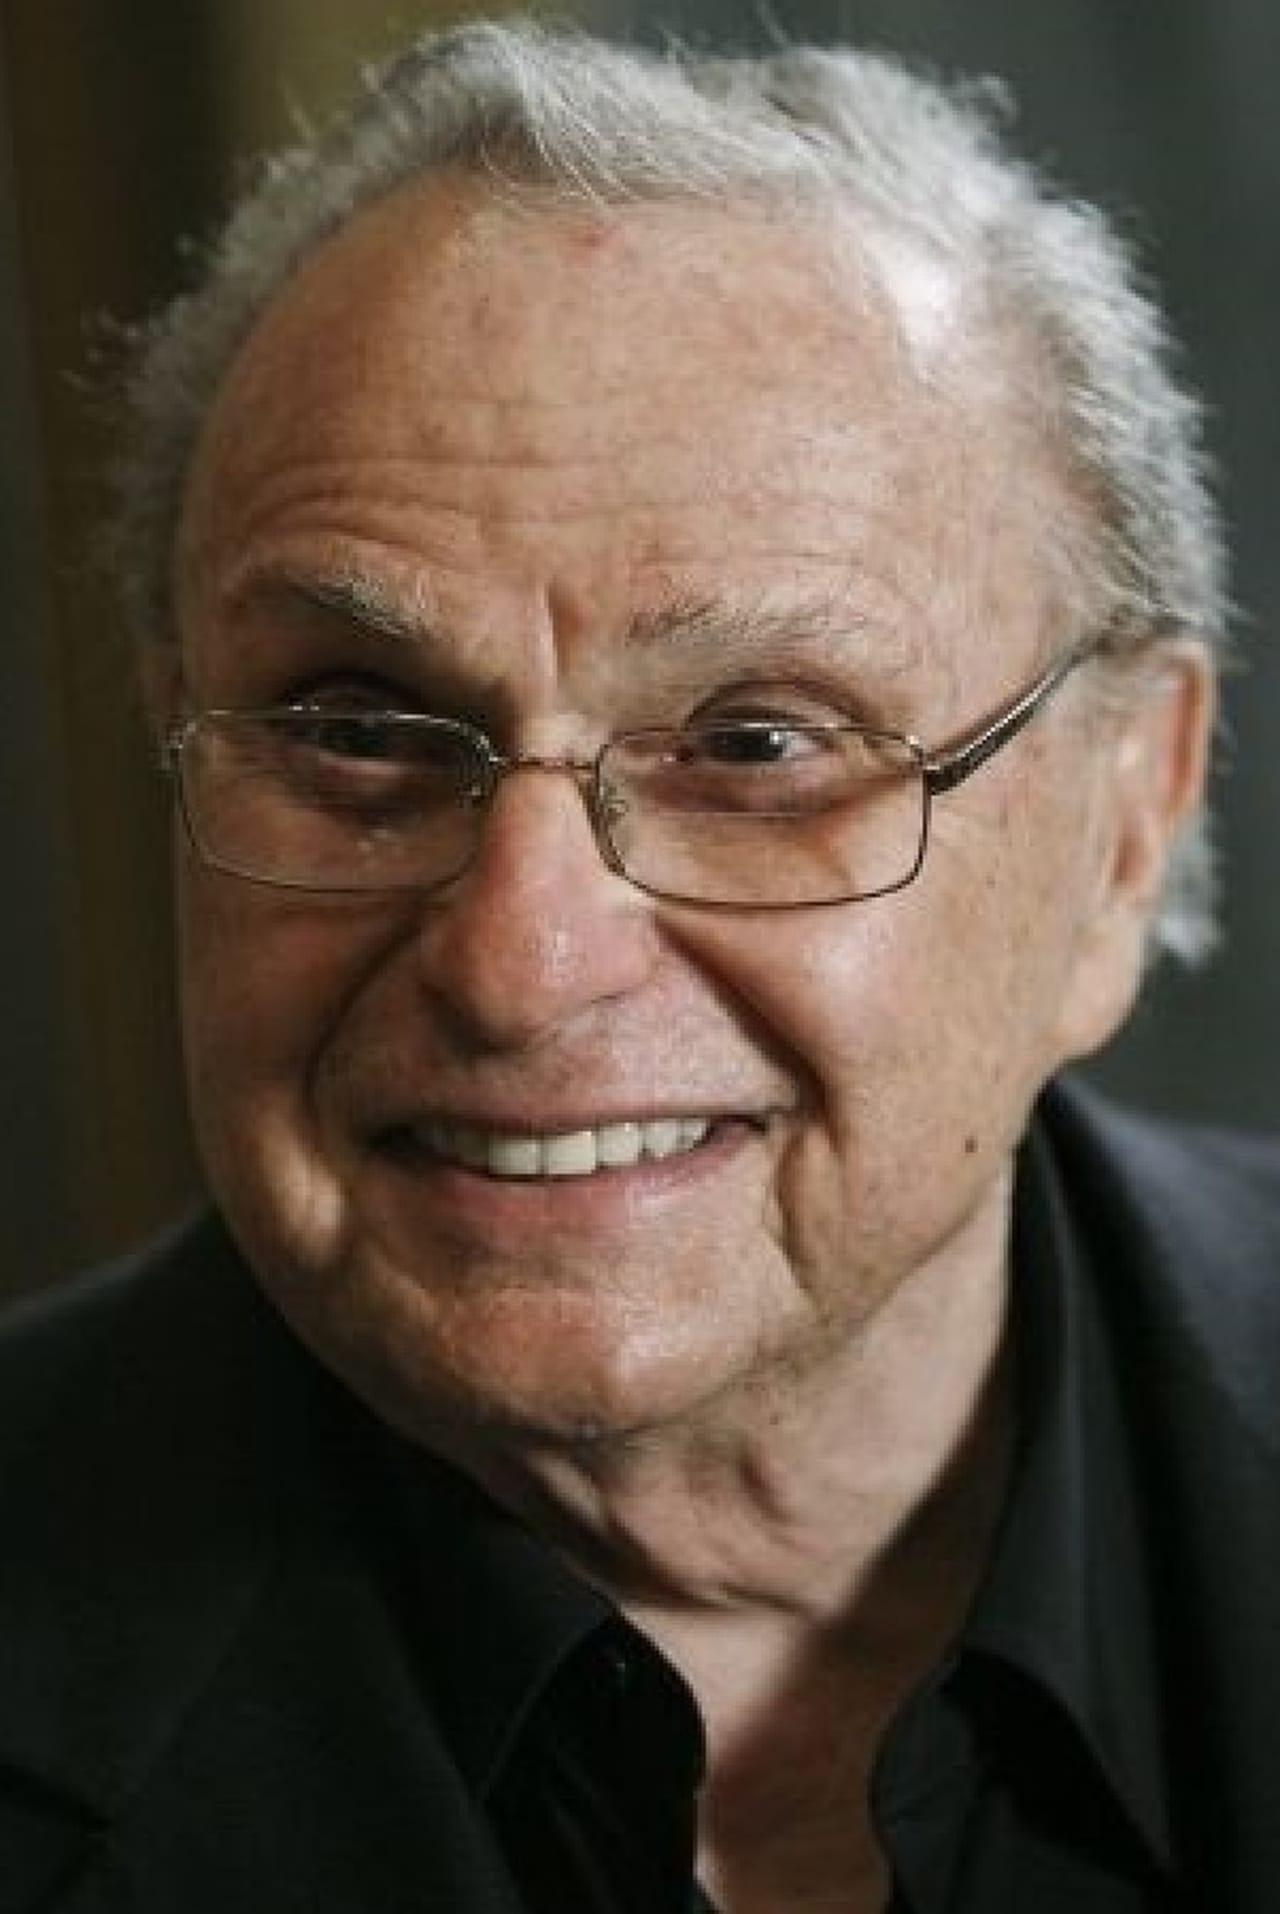 Martin Erlichman